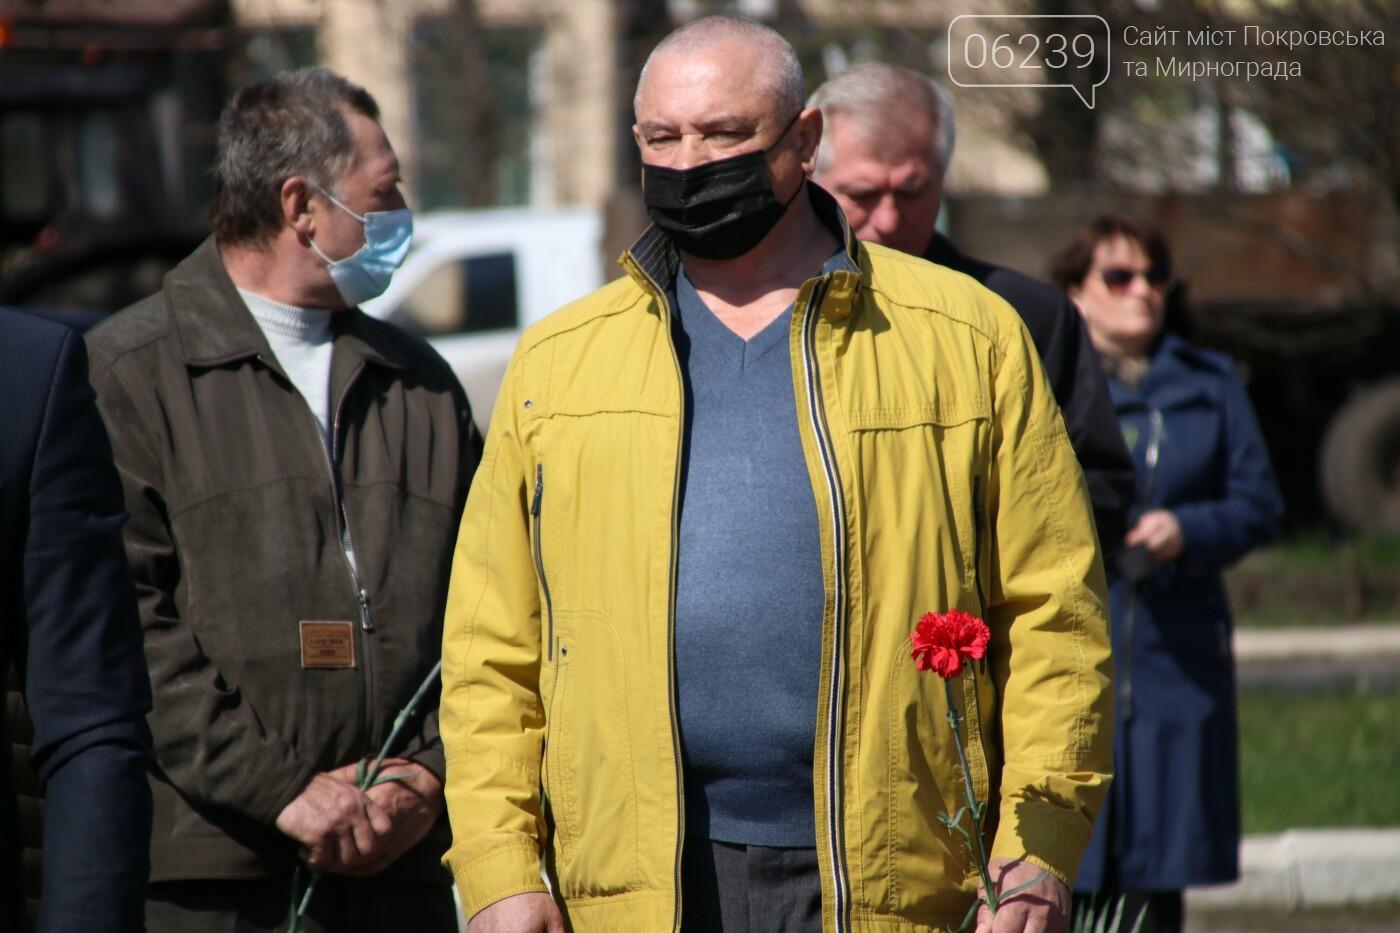 35-я годовщина трагедии: в Мирнограде почтили память ликвидаторов аварии на ЧАЭС, фото-2